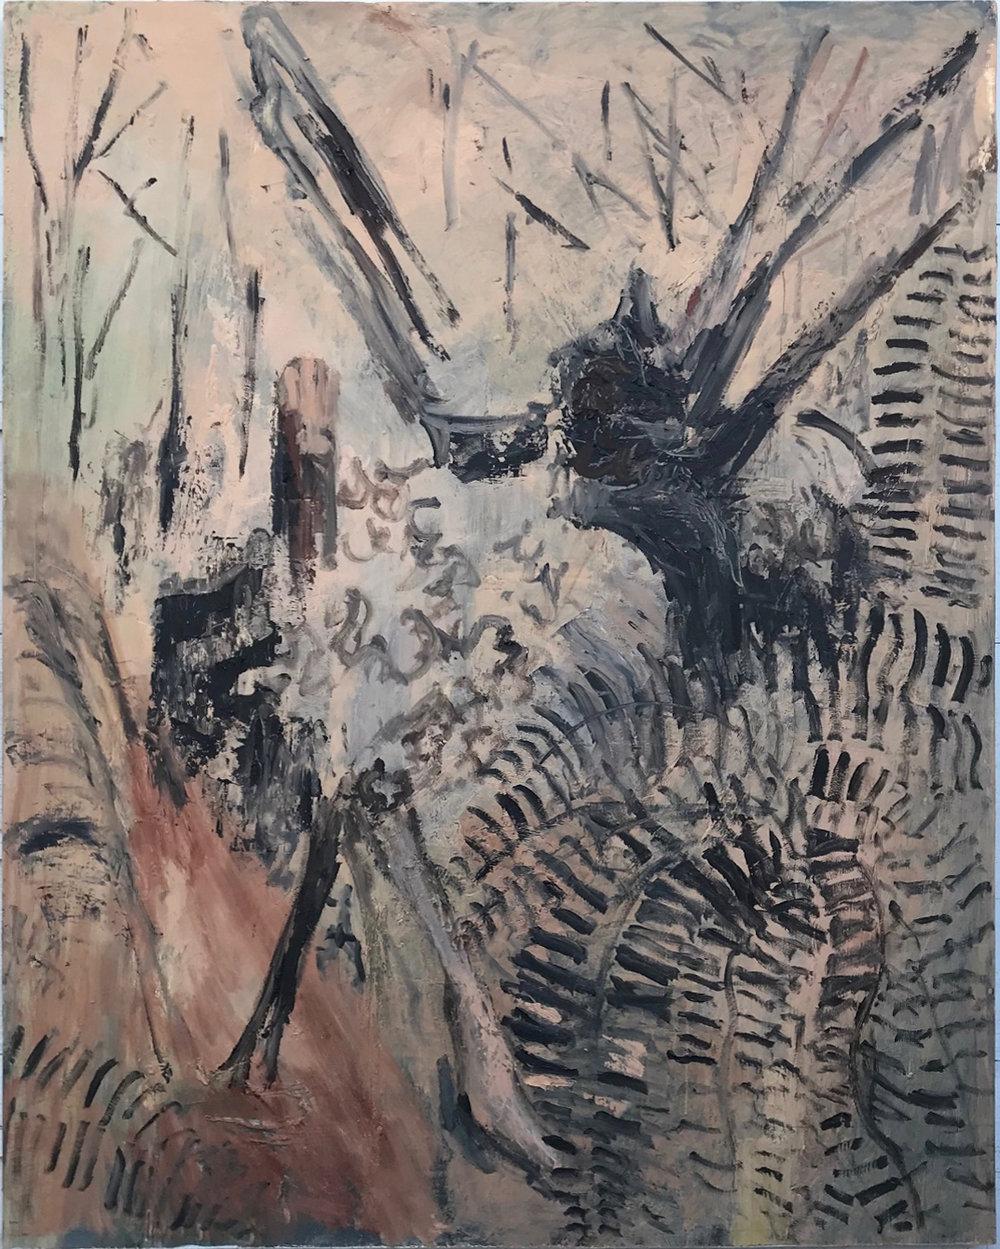 Bear Log, oil on panel, 60.75 x 48 in., 2018